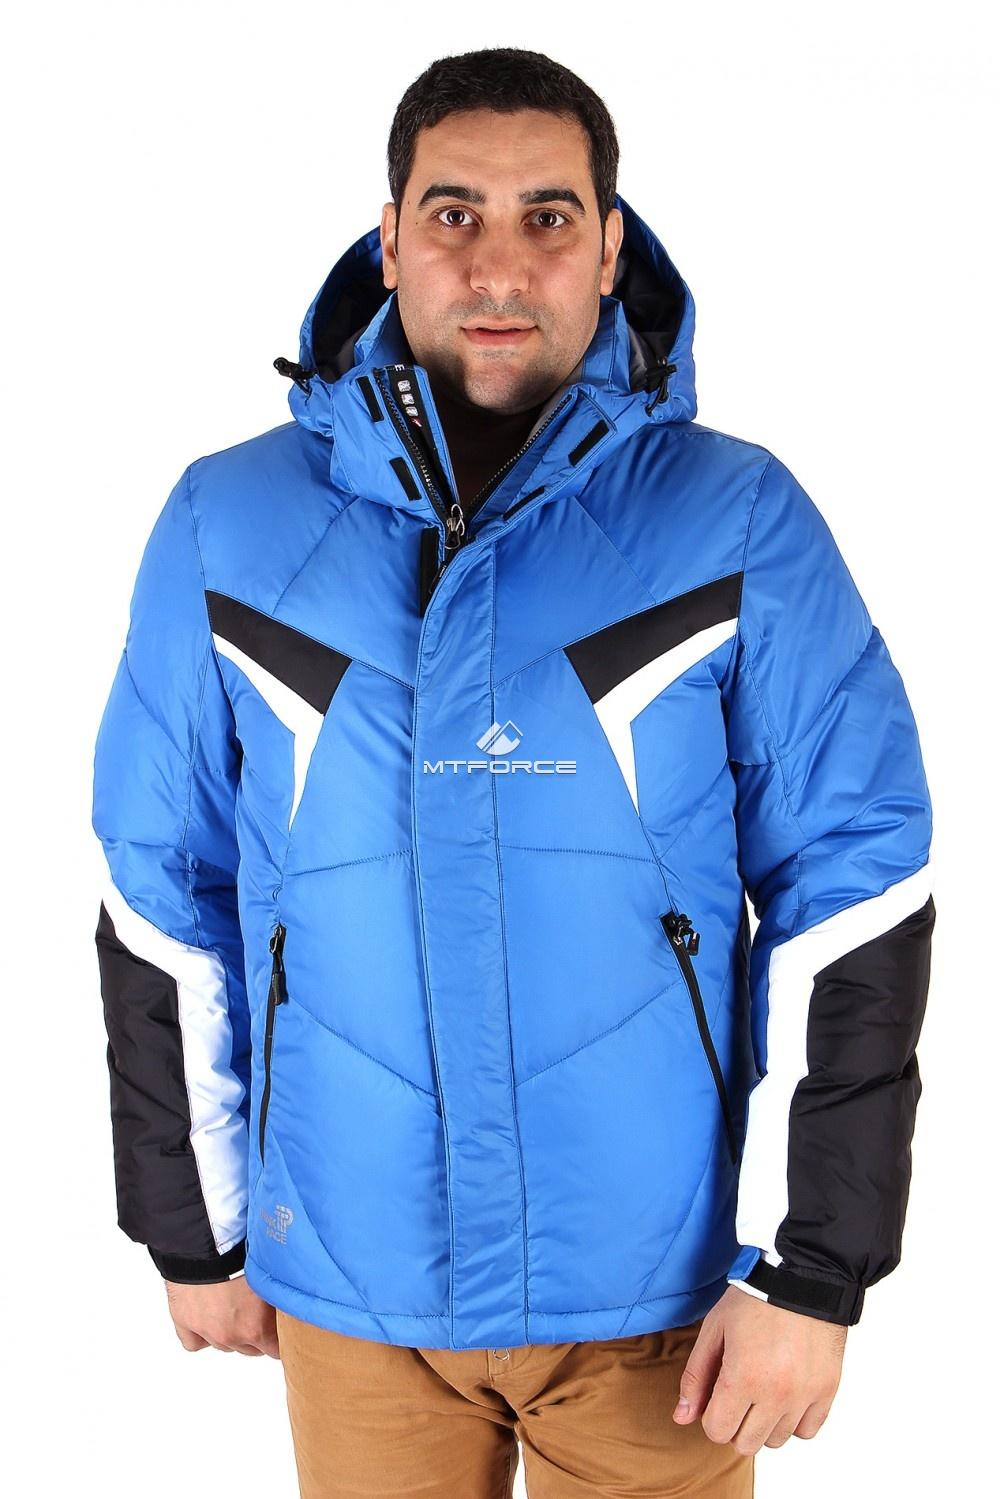 Купить                                      оптом Куртка зимняя мужская синего цвета 9440S в Санкт-Петербурге